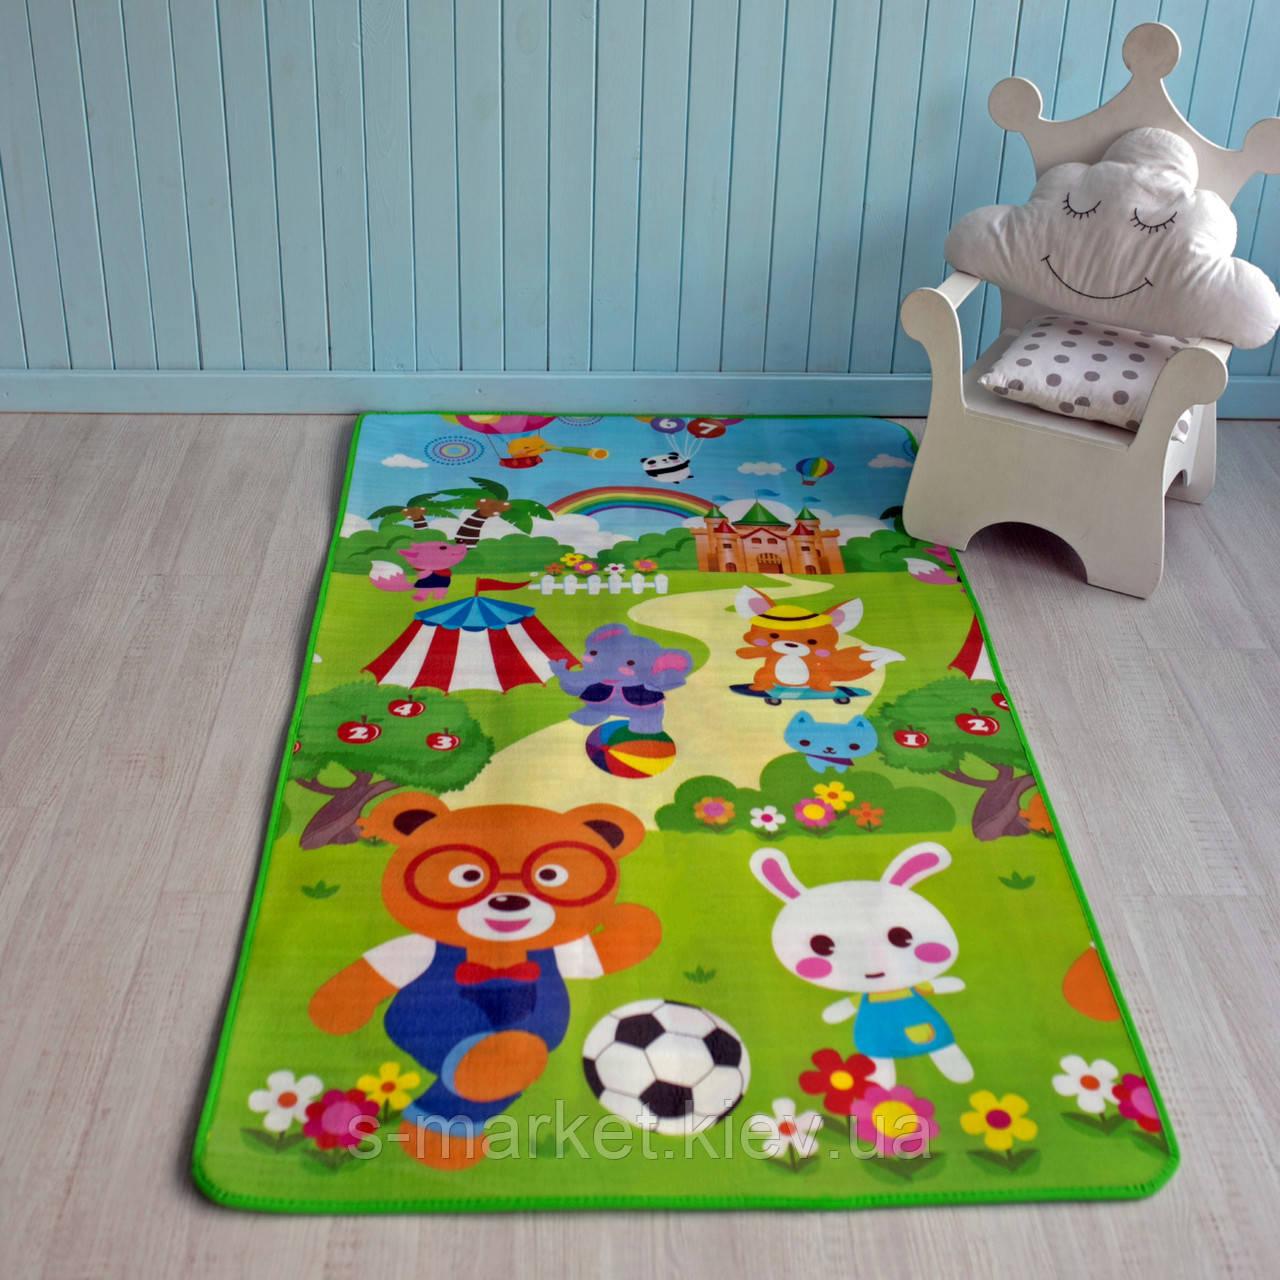 """Дитячий килимок розвиваючий термо """"Футбол + Животные"""""""